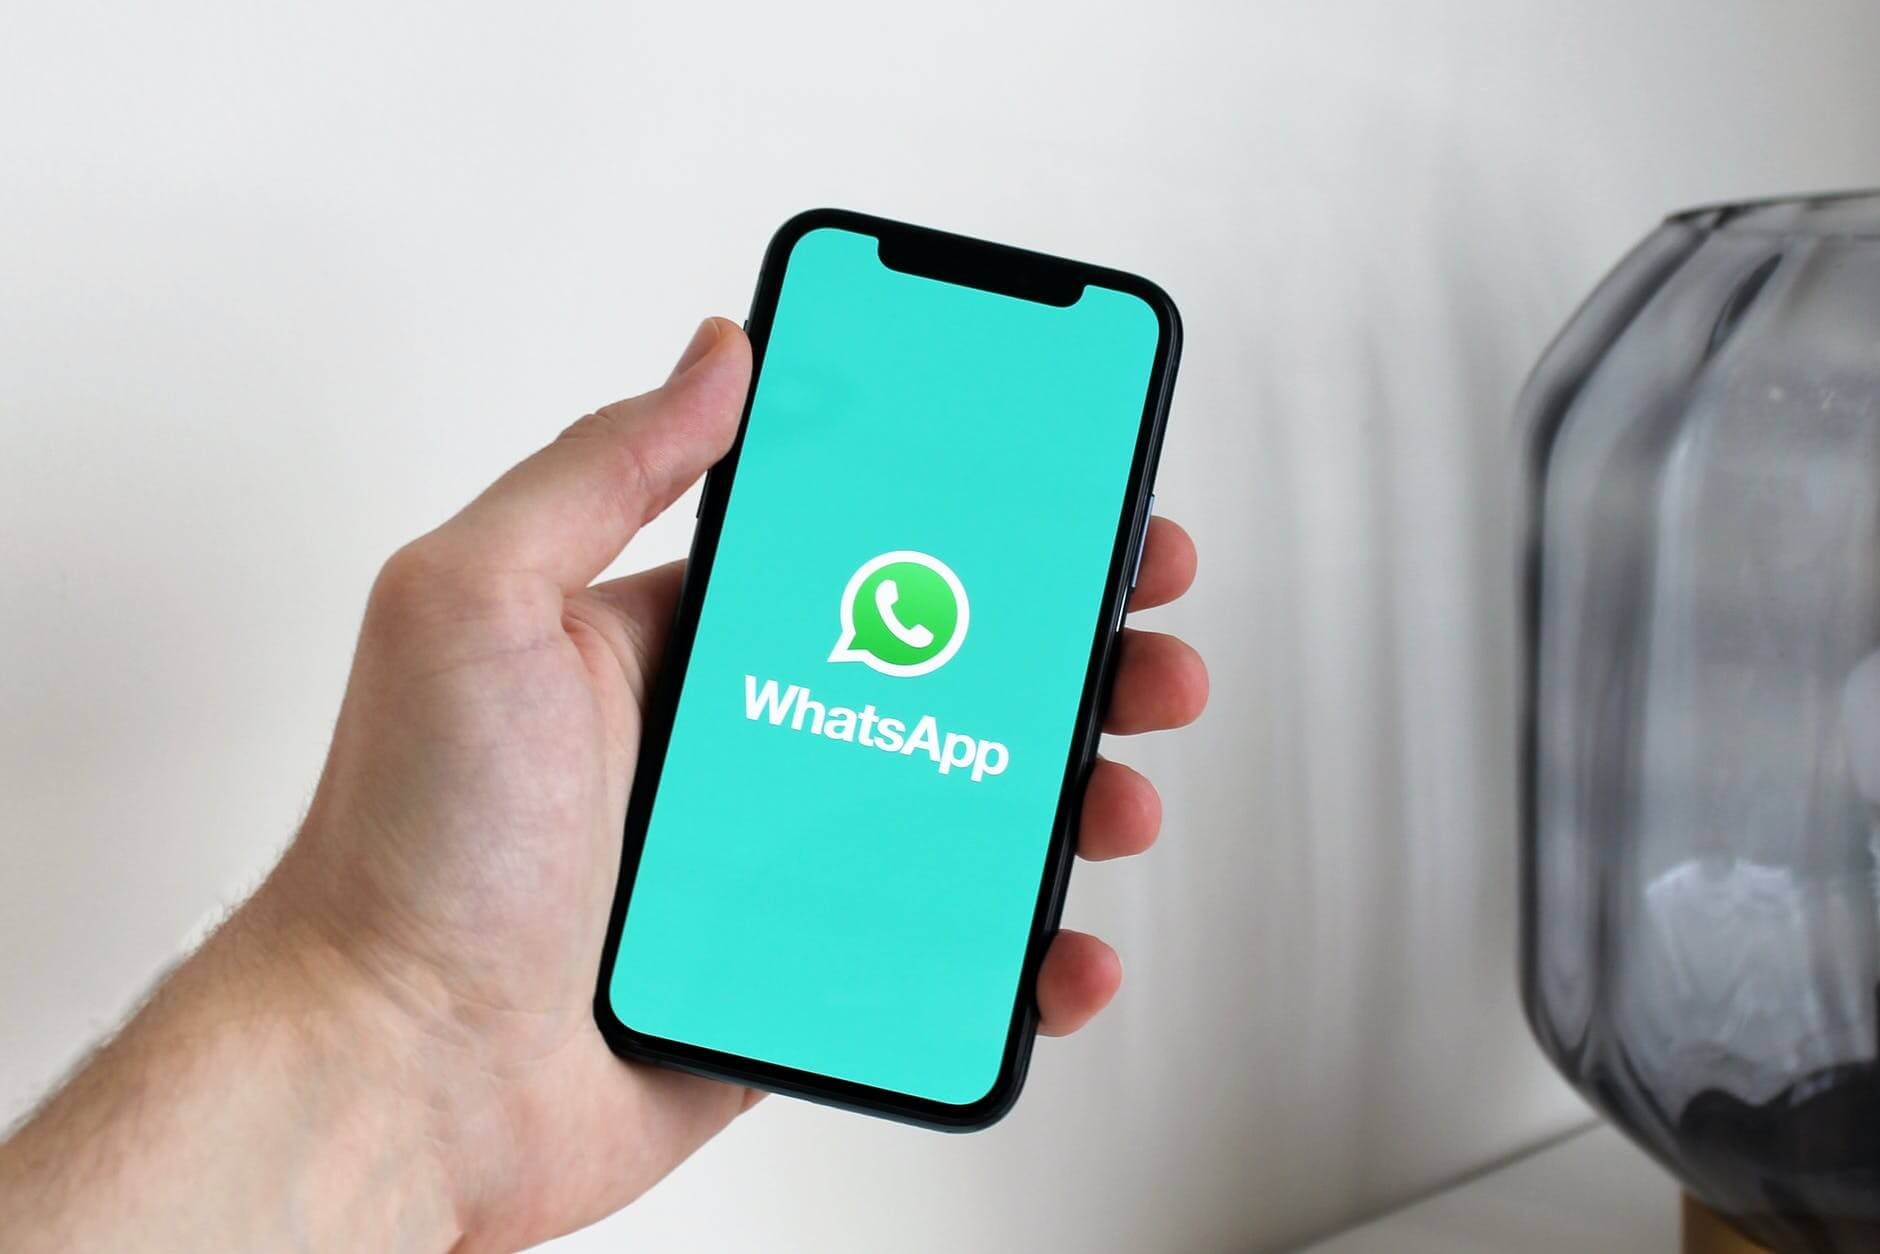 whatsapp-akan-segera-menghadirkan-fitur-cadangan-obrolan-terenkripsi-kata-sandi